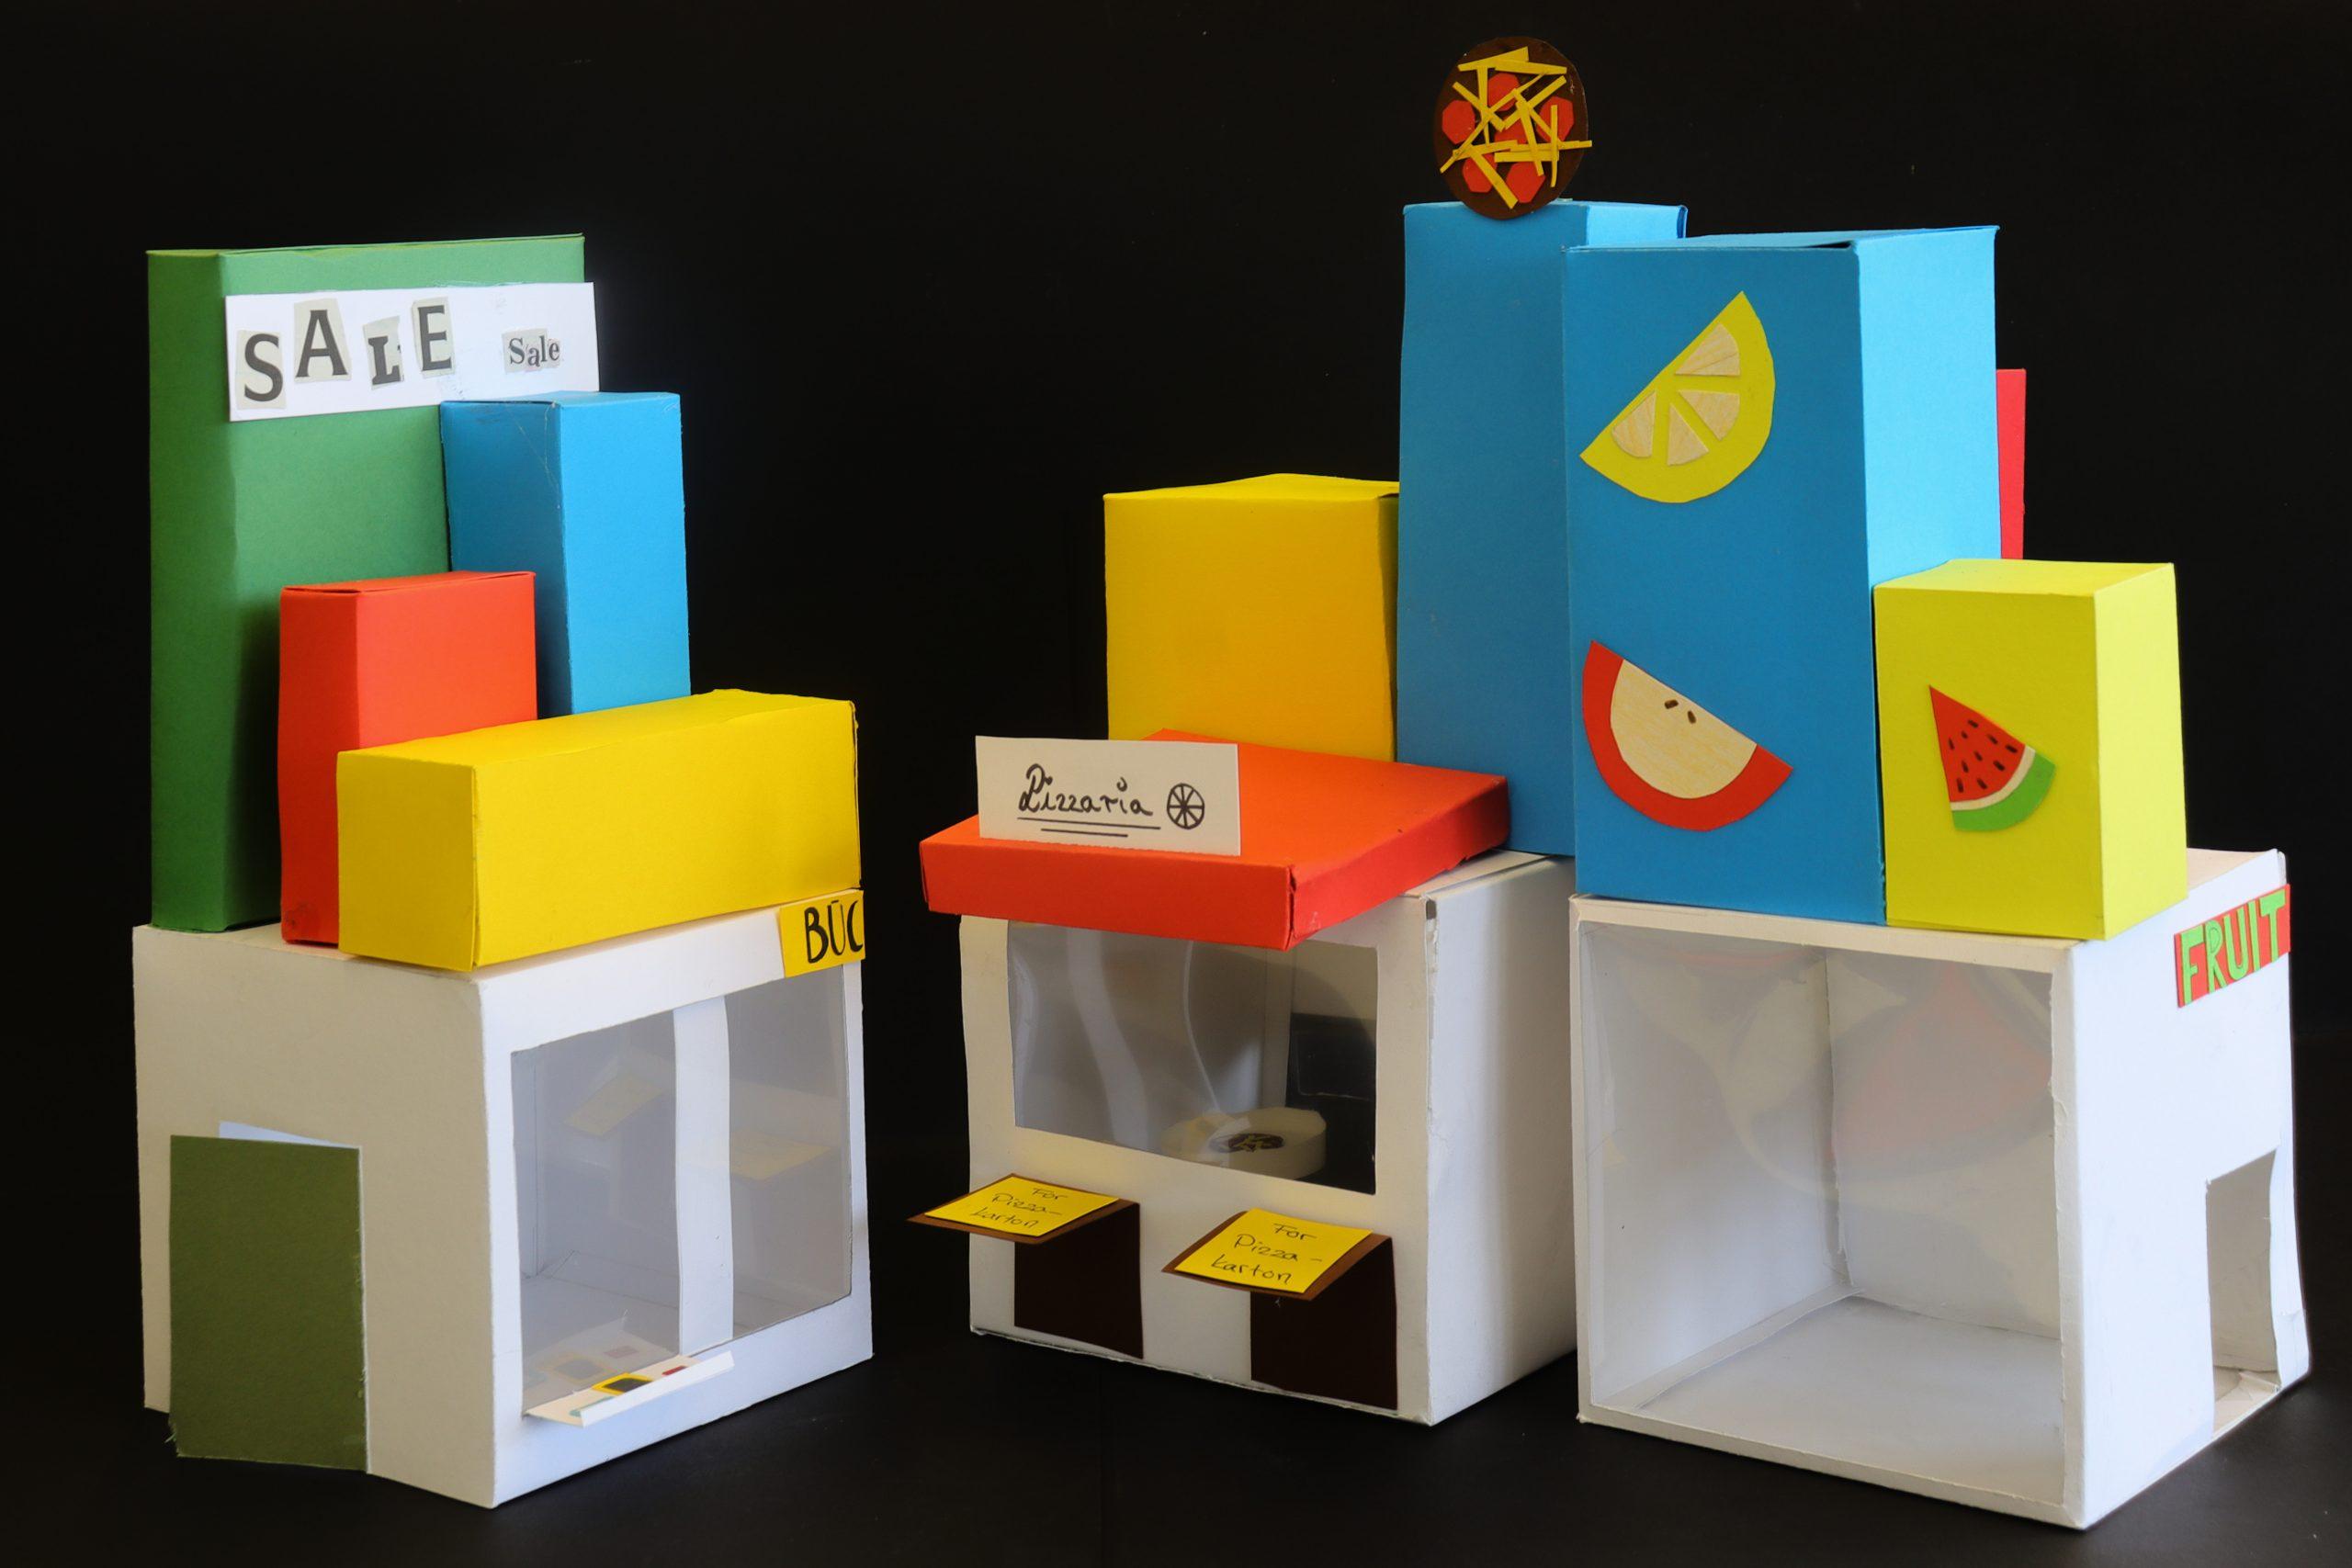 Schulkunst 100 Jahre Bauhaus: Die 7c ist dabei!